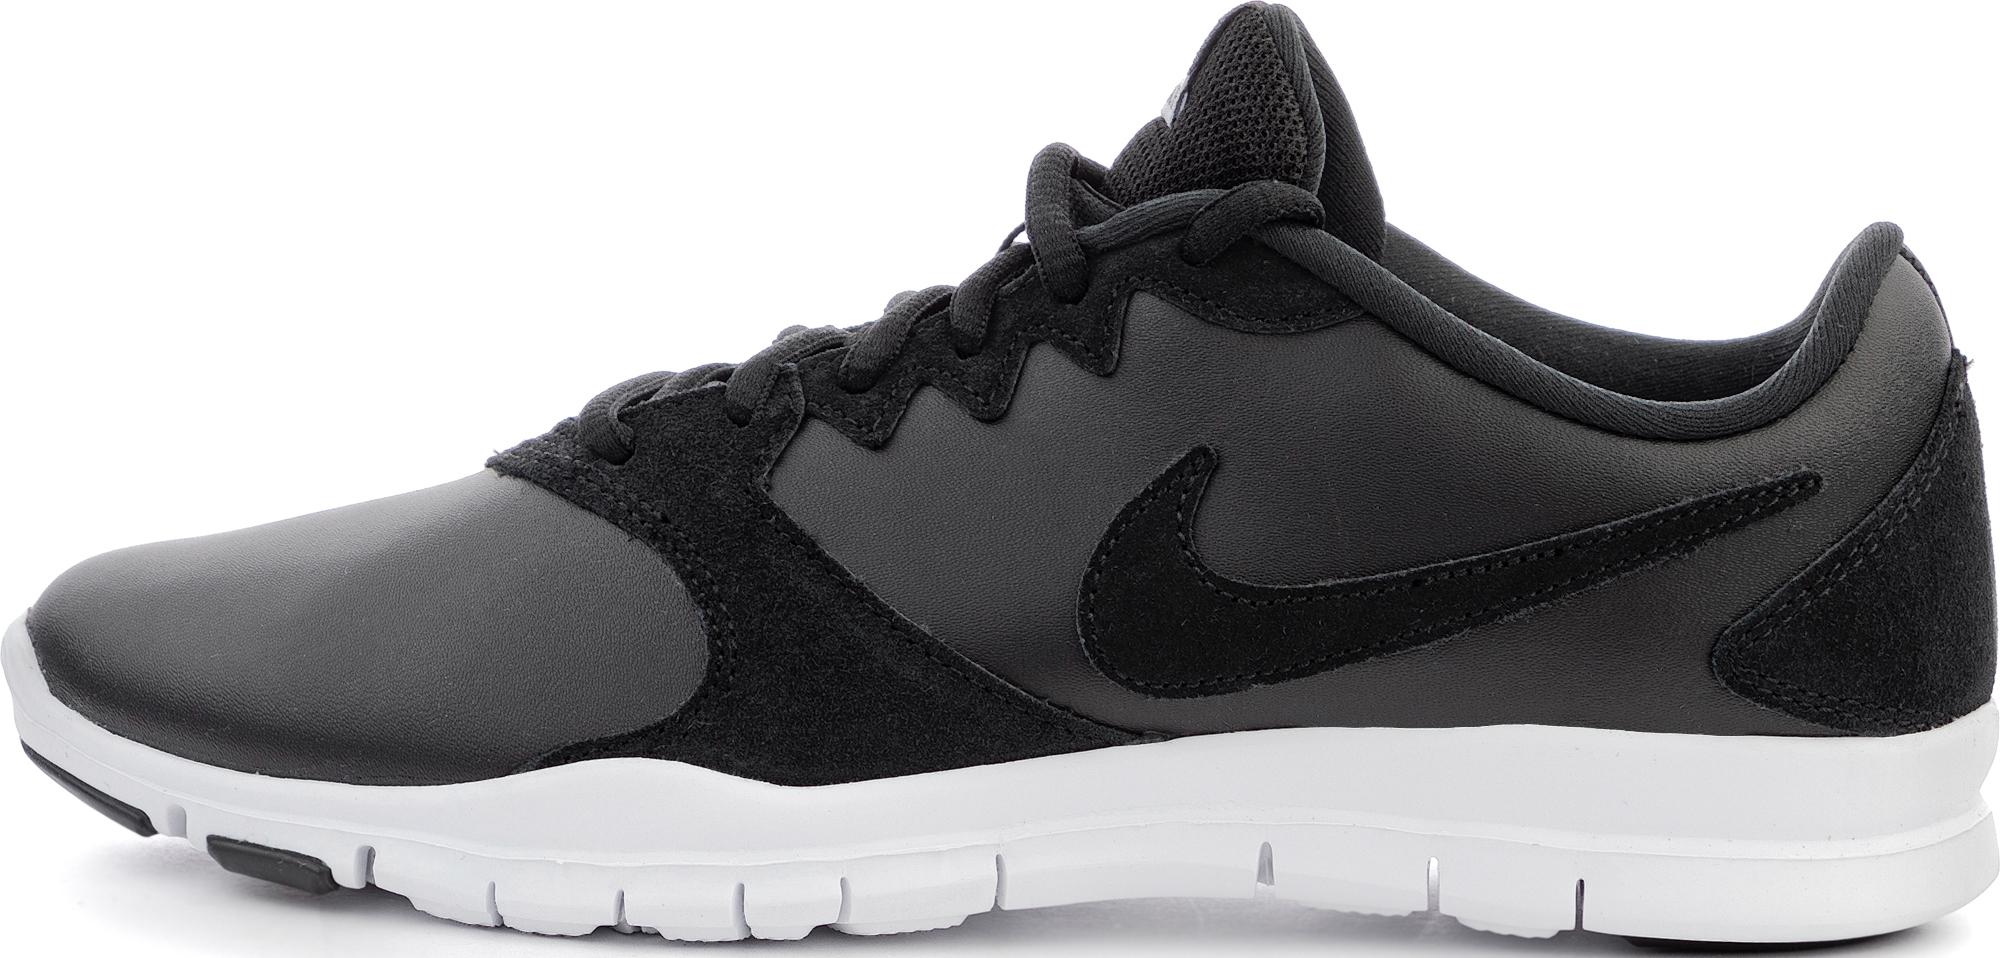 Nike Кроссовки женские Nike Flex Essential Tr Lt, размер 40 цены онлайн